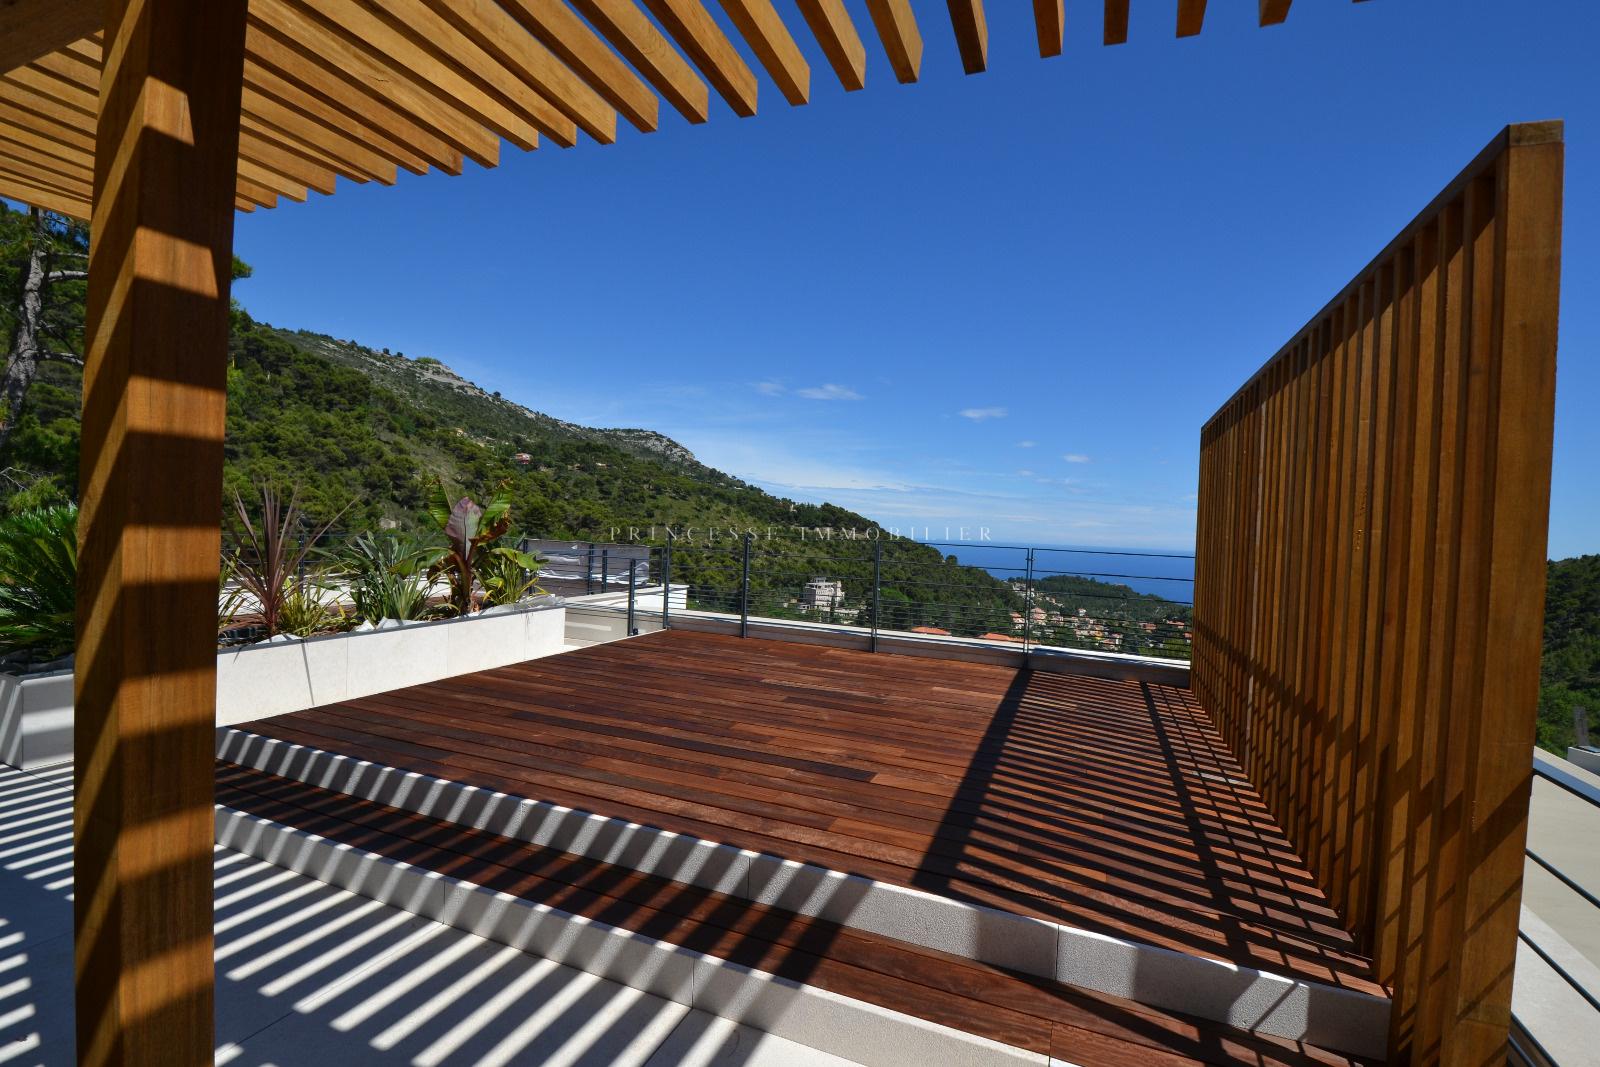 Terrasse sur toit